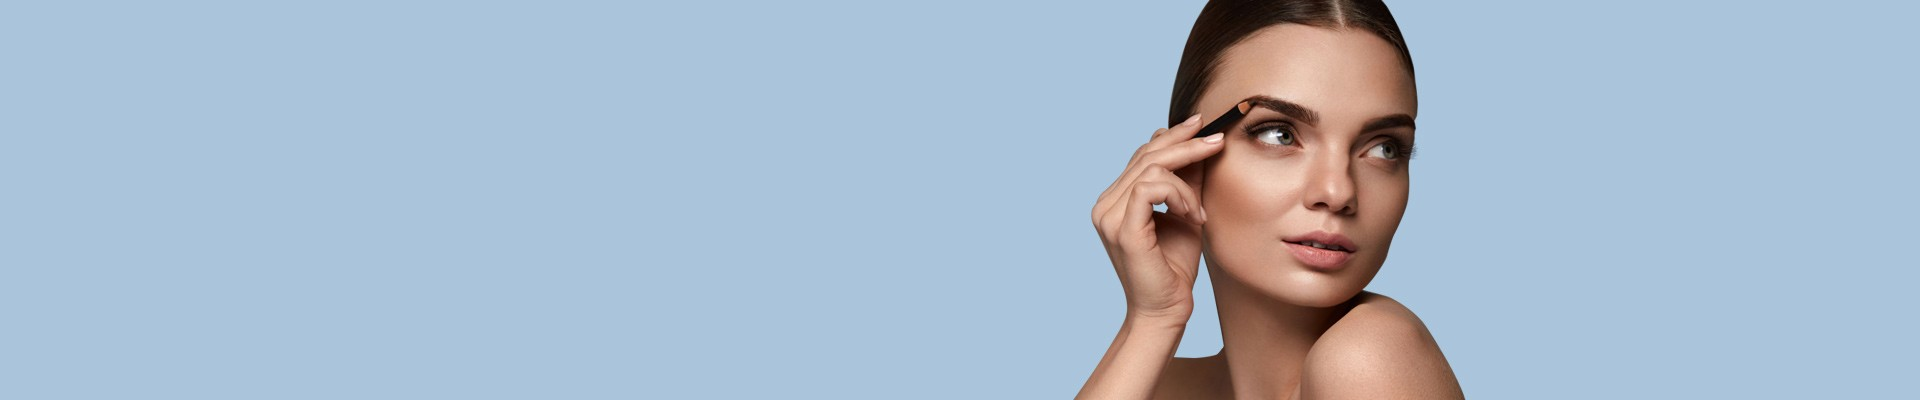 Jual Eyebrow Kit - Brow Set Harga Terbaik dan Terlengkap